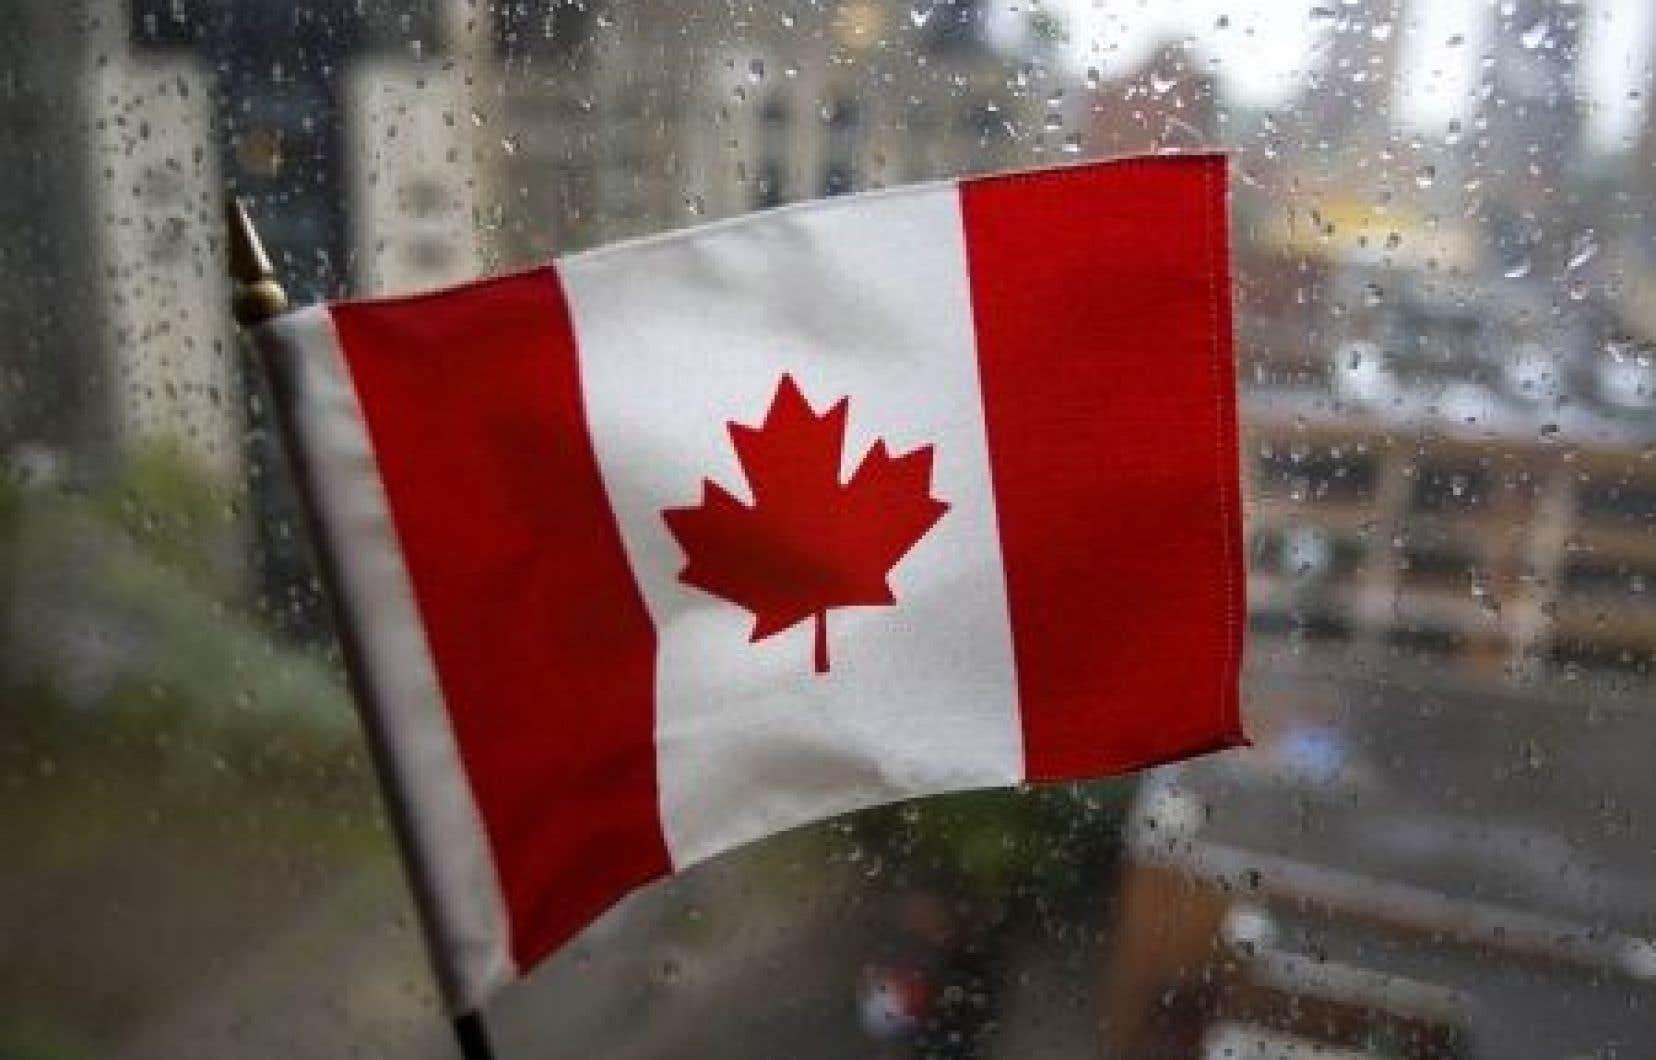 Le drapeau canadien, qui a été adopté sous les auspices du premier ministre libéral Lester B. Pearson, aura 50 ans le 15 février.